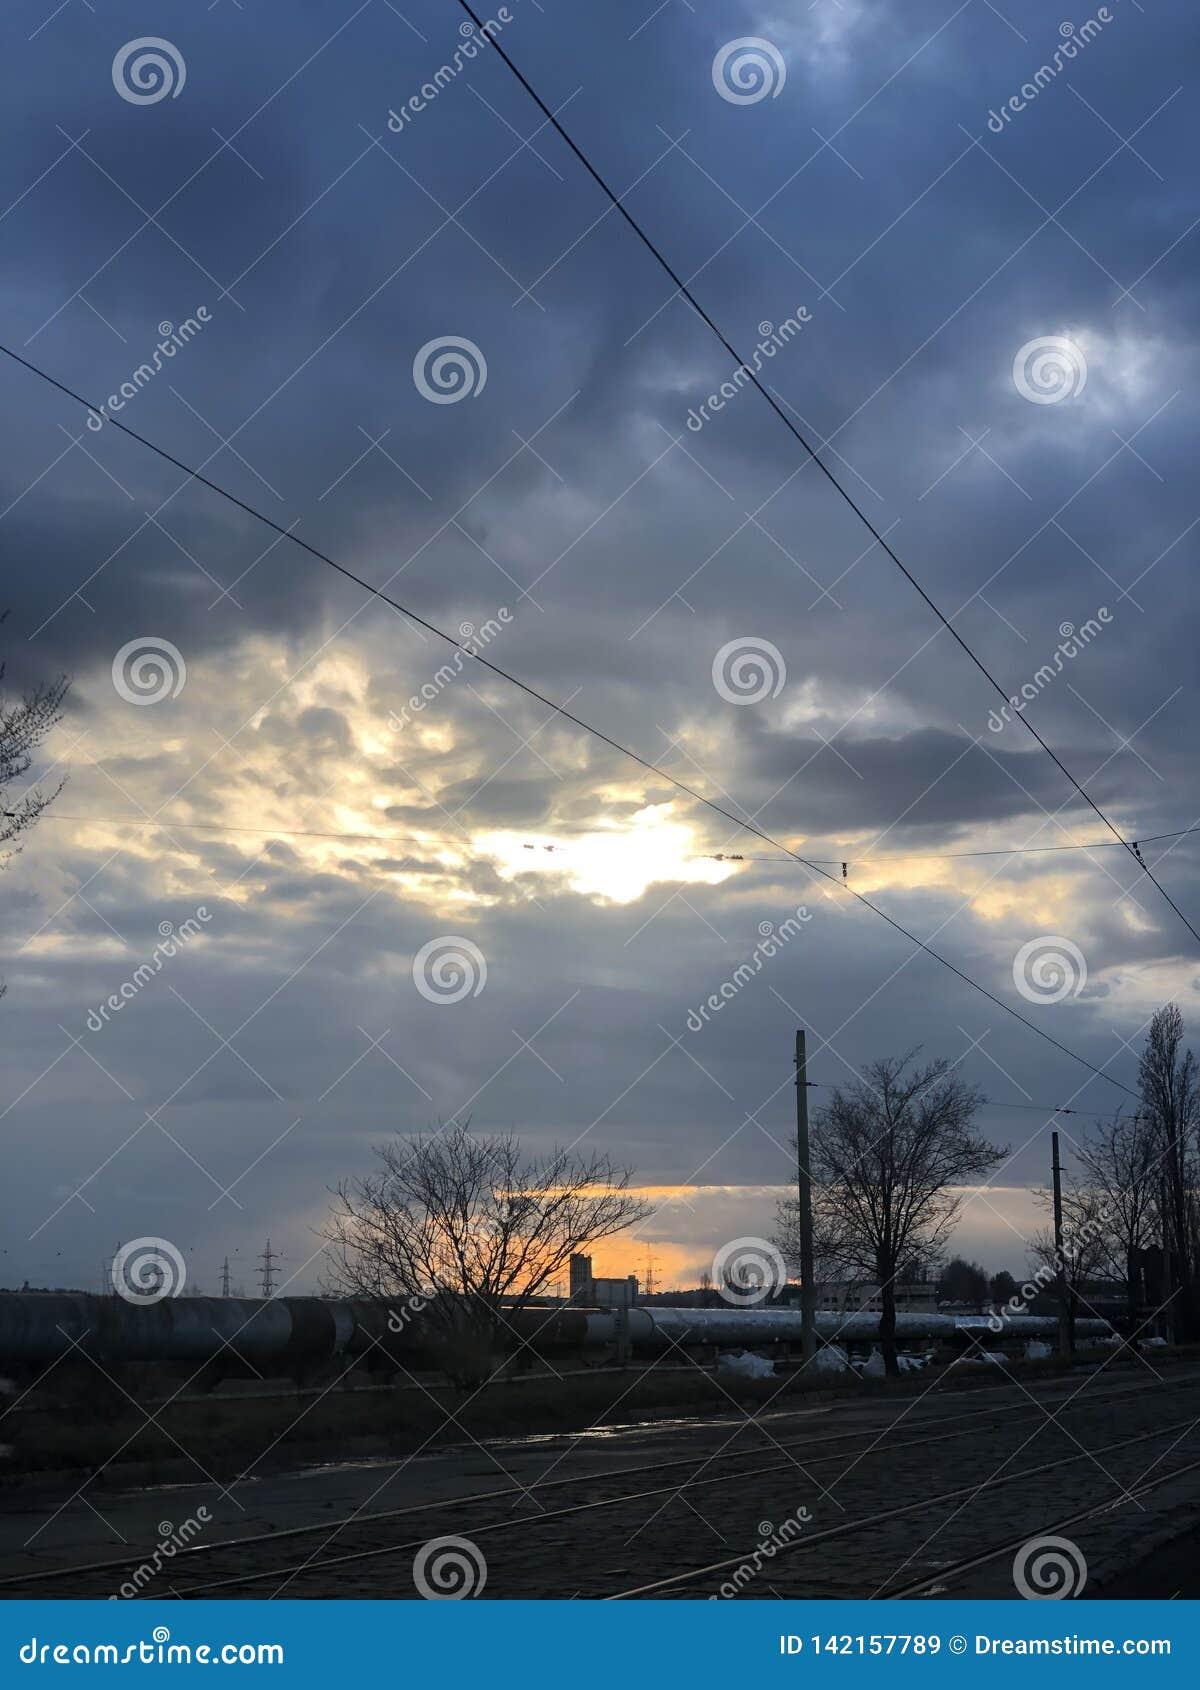 Όμορφη ηλιοφάνεια μετά από μια σκληρή θύελλα